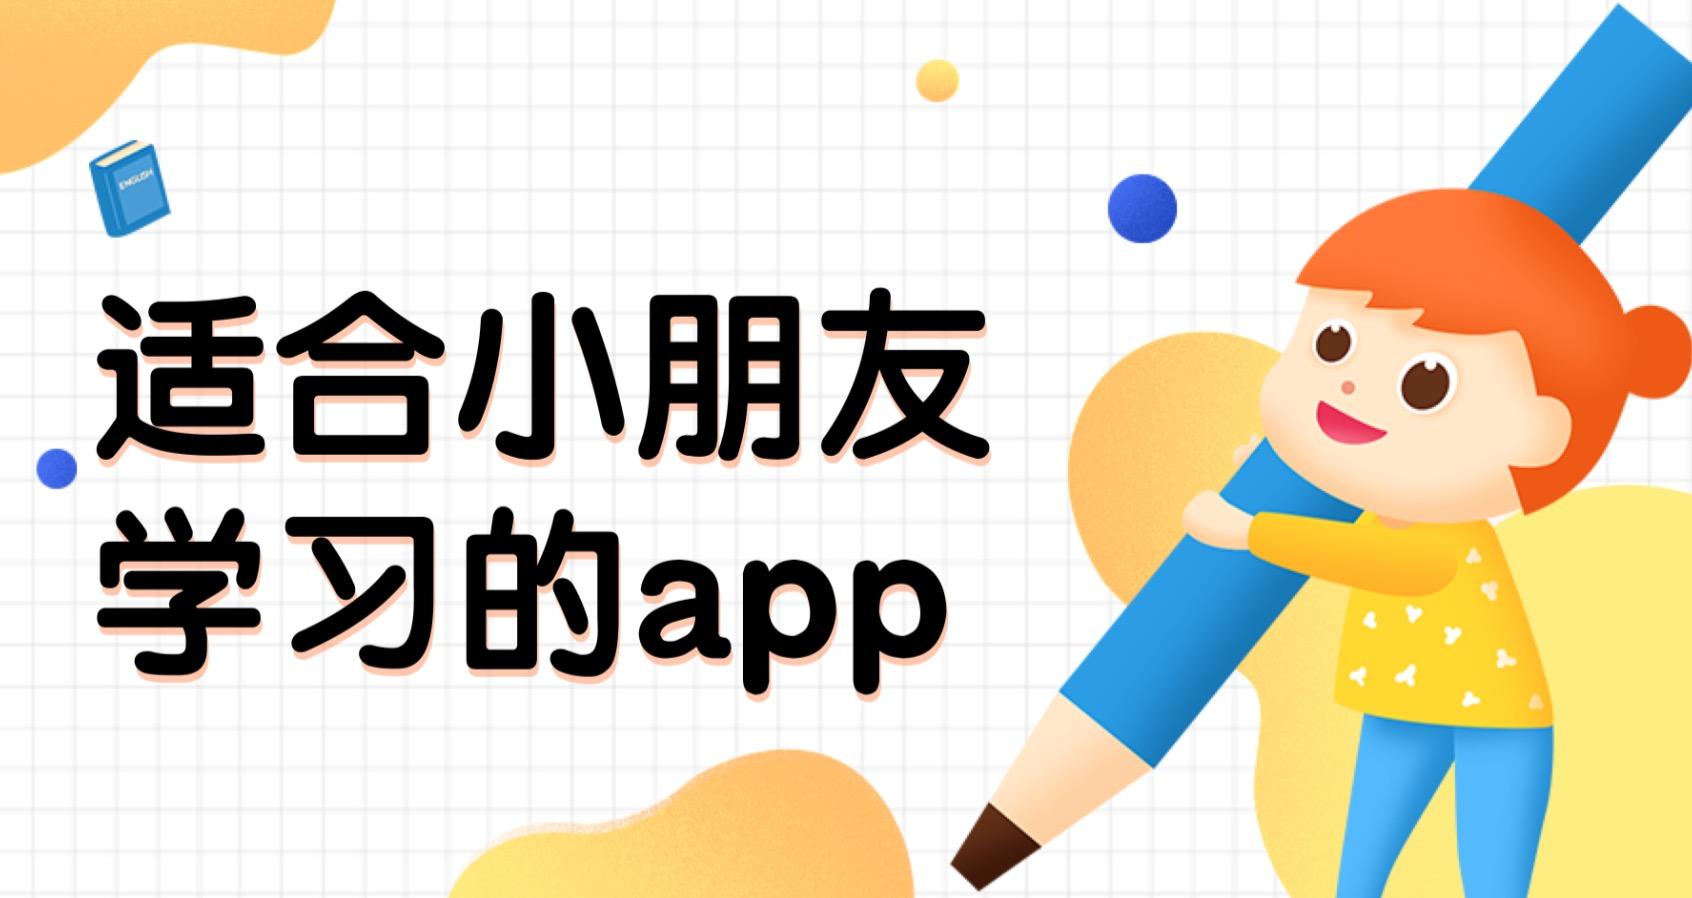 适合小朋友学习的app